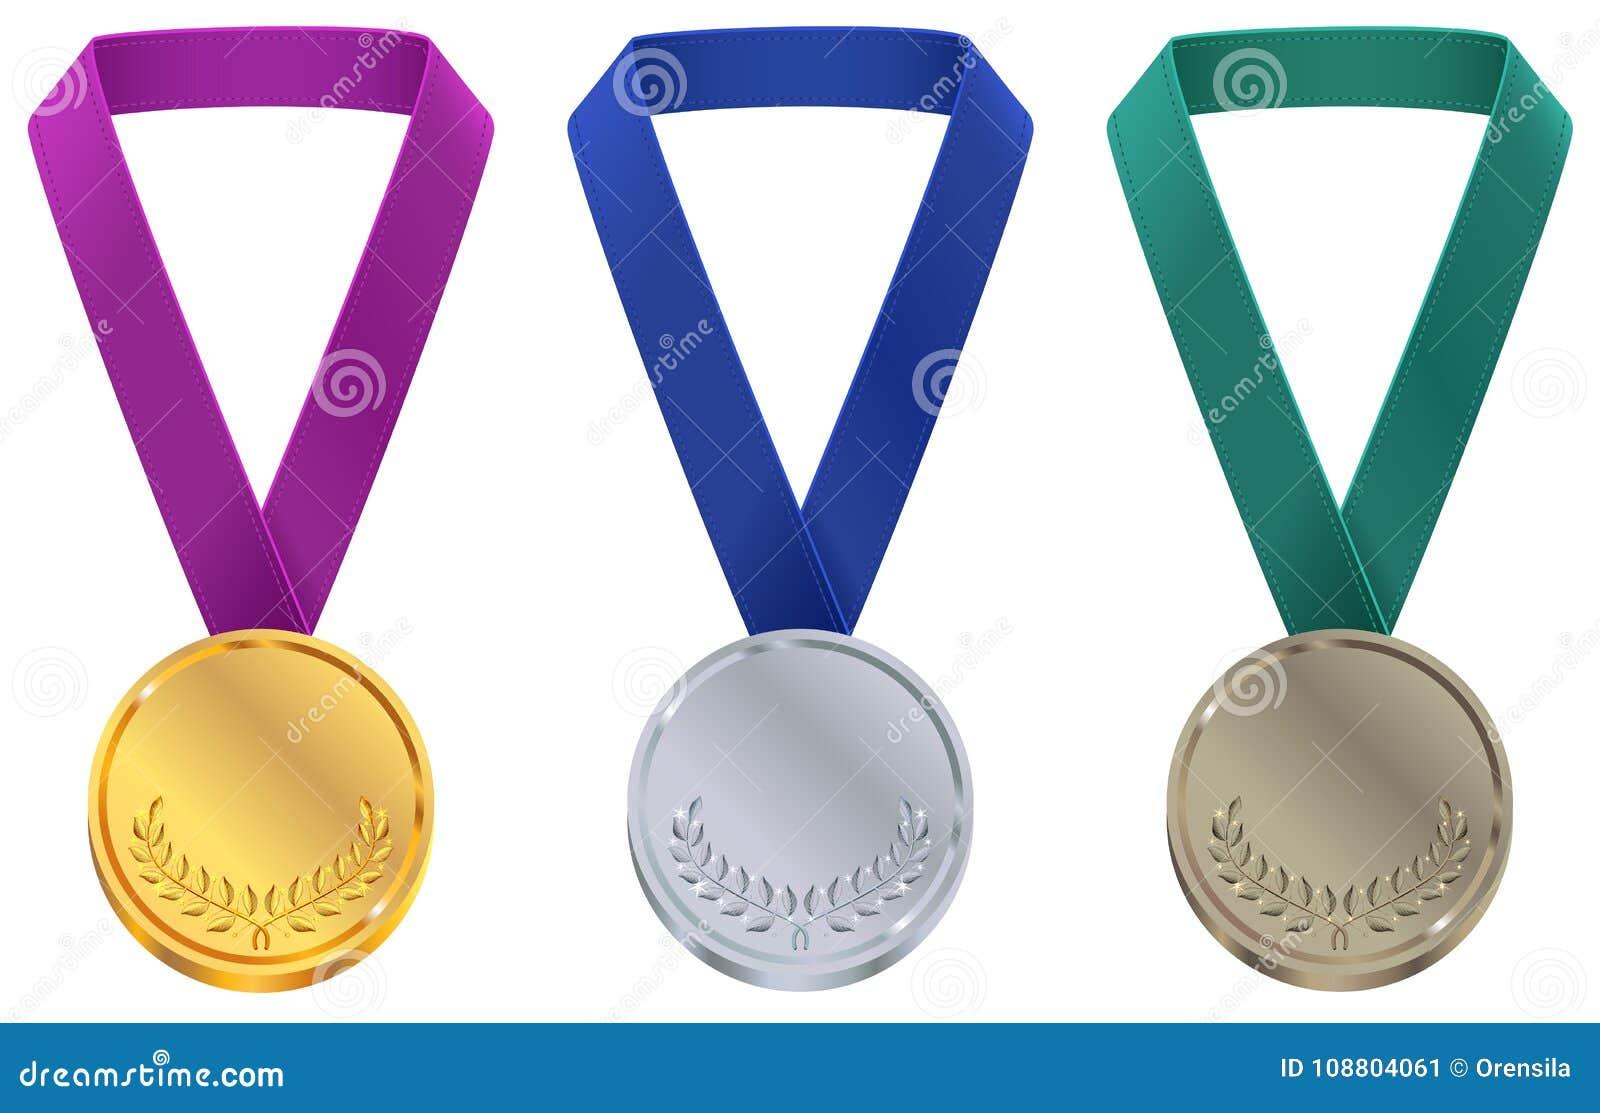 Goud, zilver en bronsmedaille bij het malplaatje van de Winterolympische spelen Vastgestelde sportmedaille op band